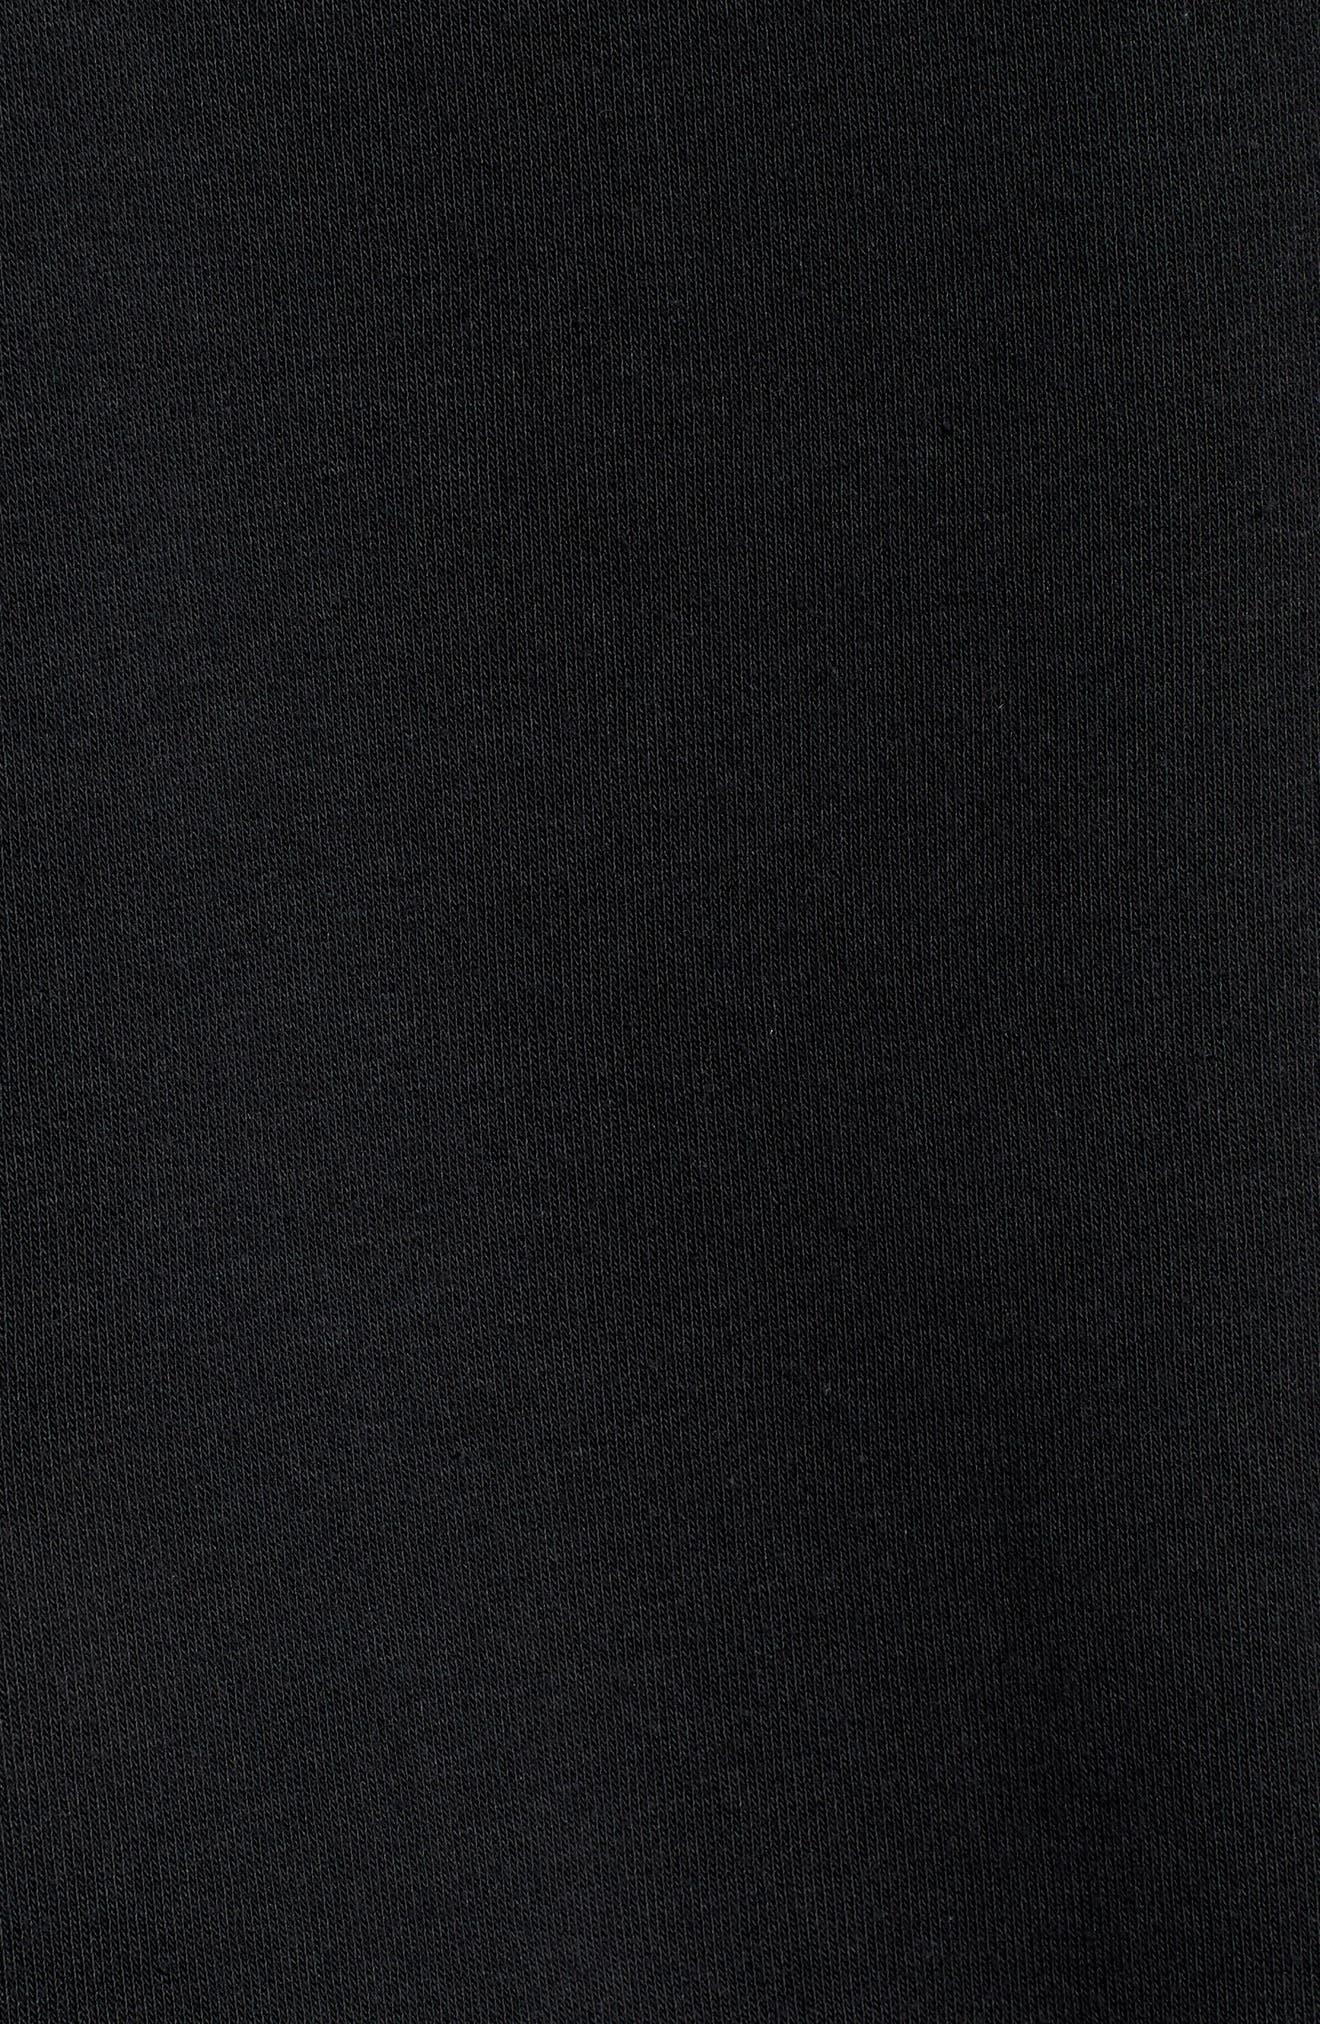 NIKE, Sportswear Heritage Zip Hoodie, Alternate thumbnail 5, color, BLACK/ SAIL